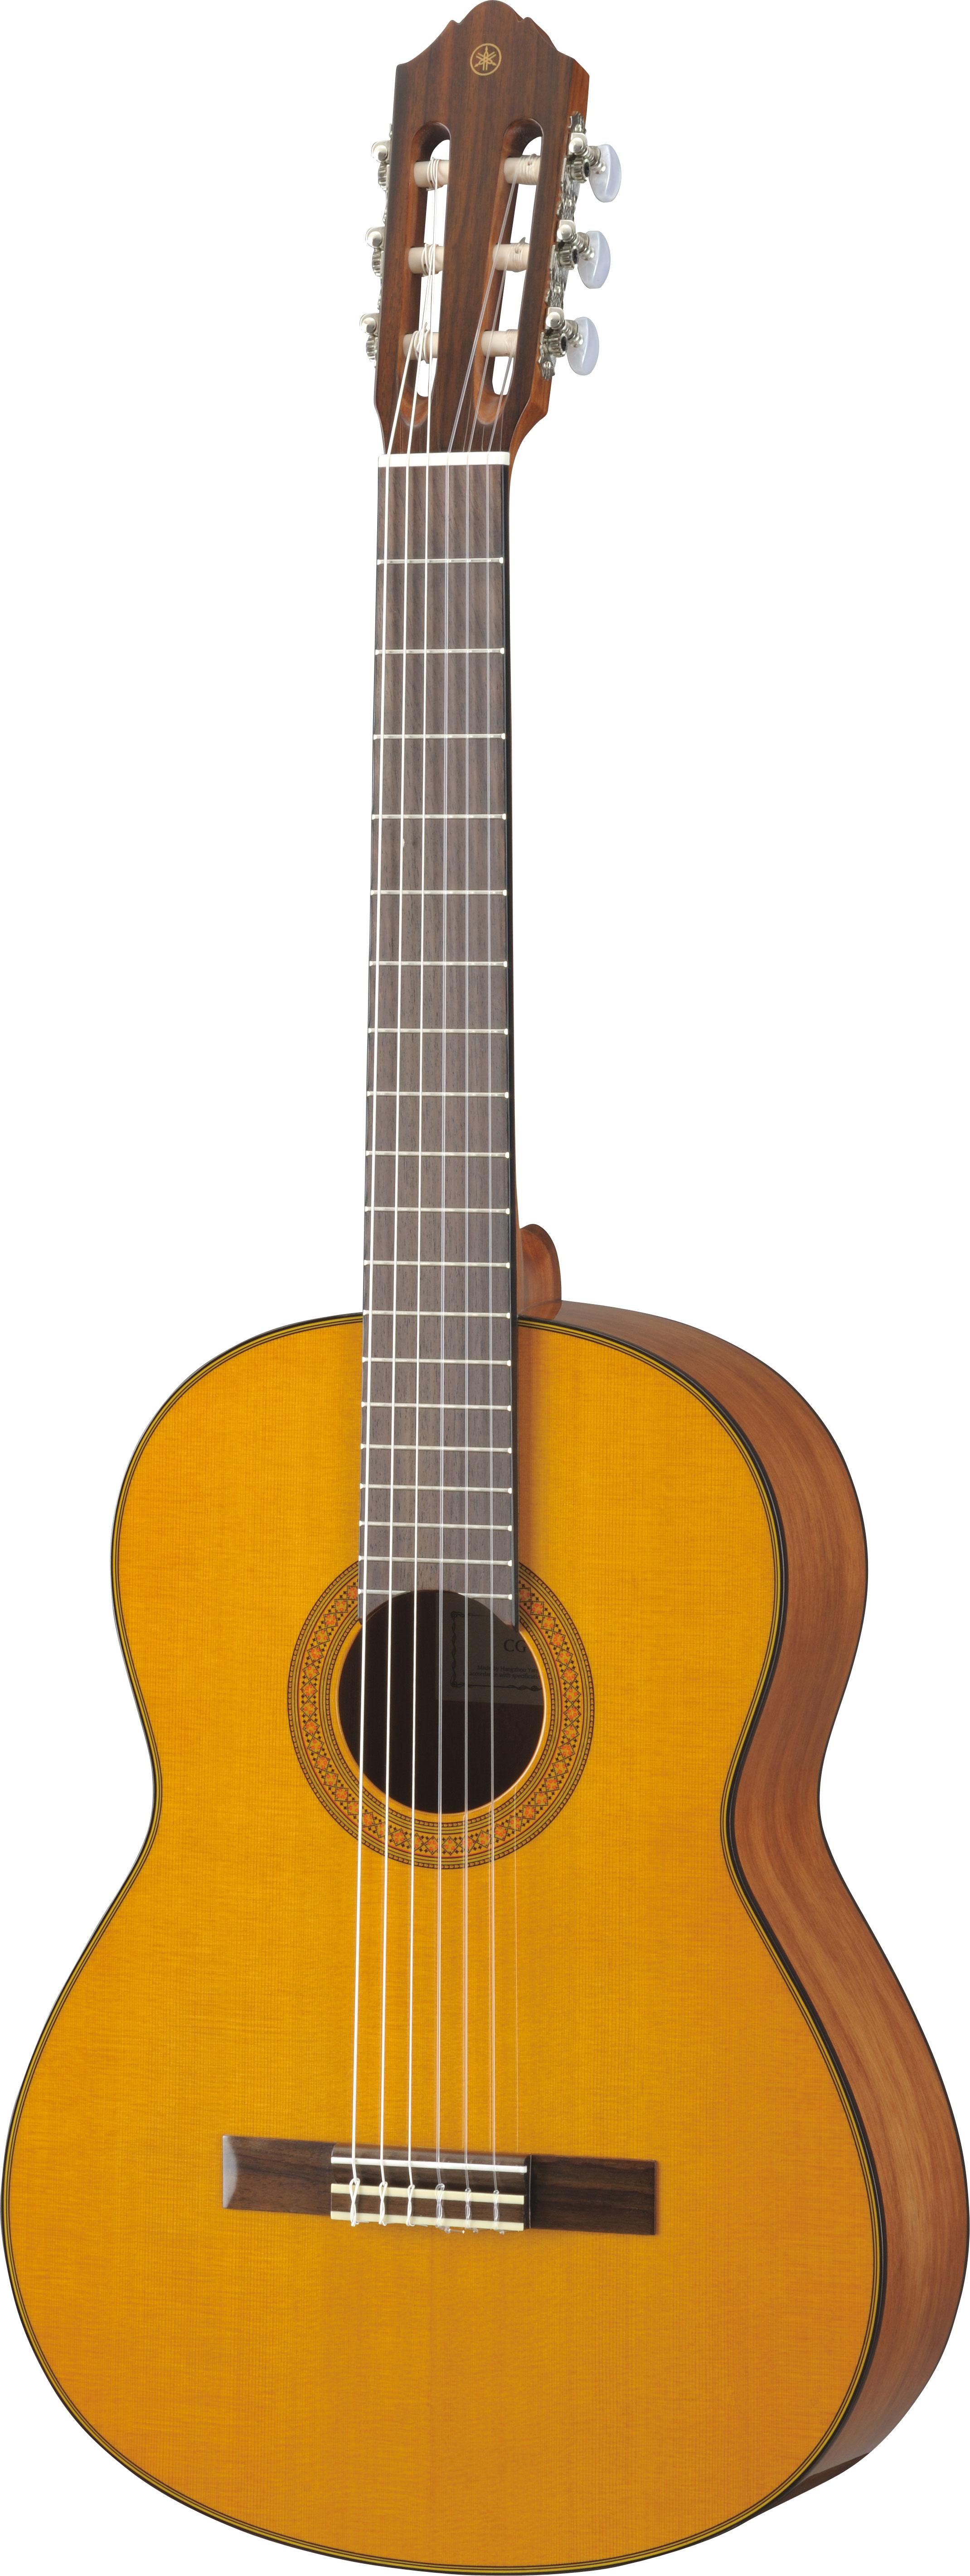 กีตาร์คลาสสิค (Classical Guitars) YAMAHA CG142C